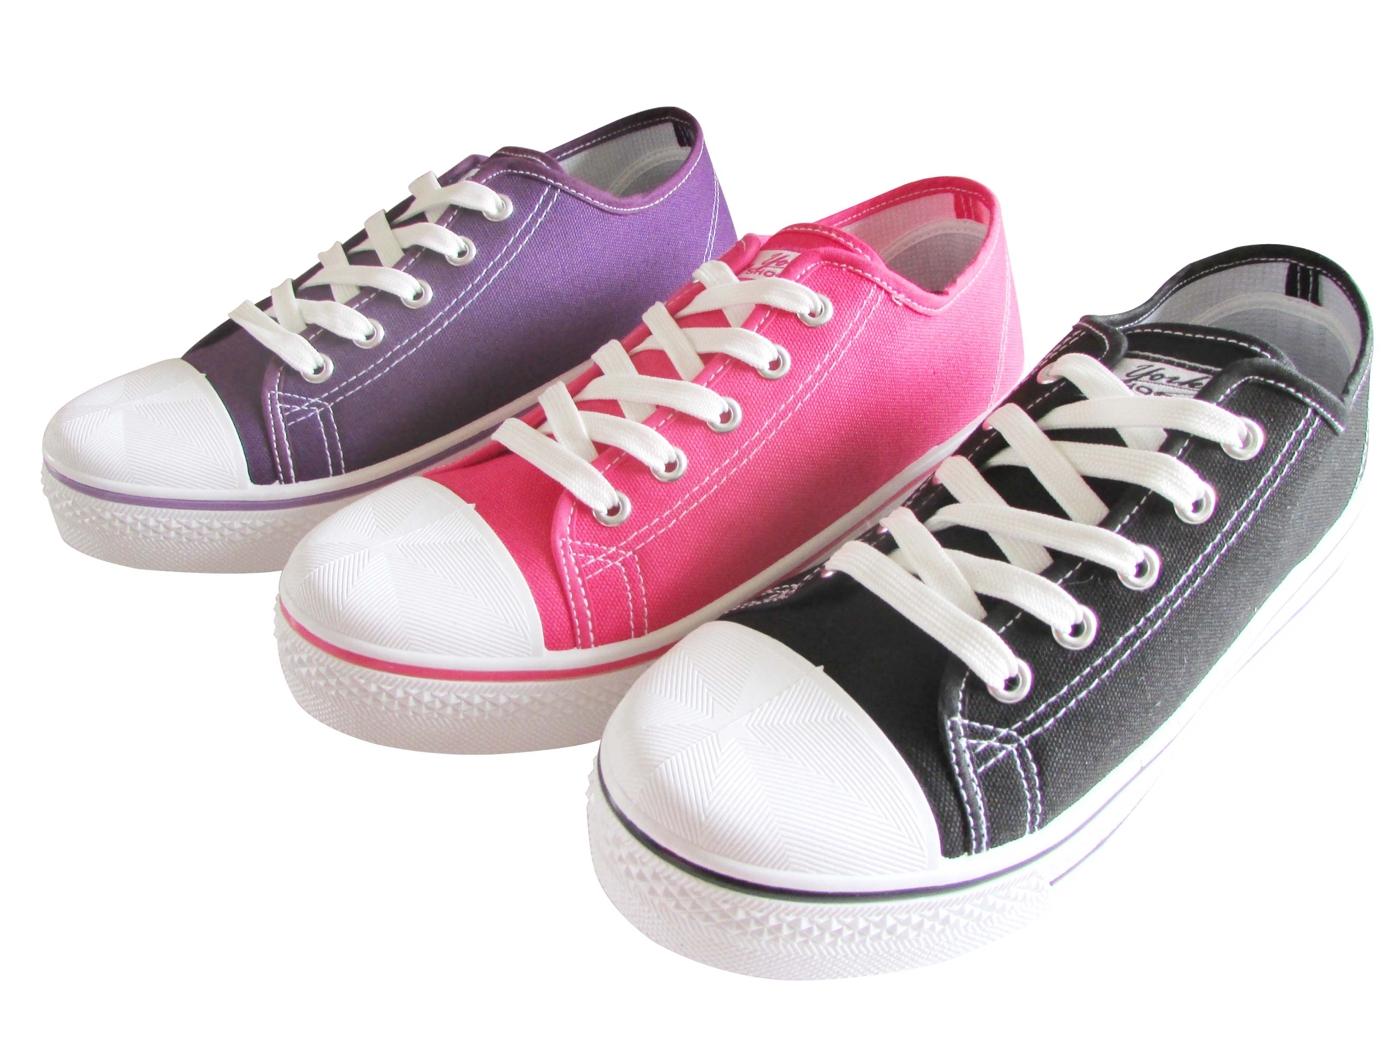 『雙惠鞋櫃』★ 女版 學生 街頭 中性帆布鞋★台灣製造★(A2023) 黑、桃、紫、酒紅